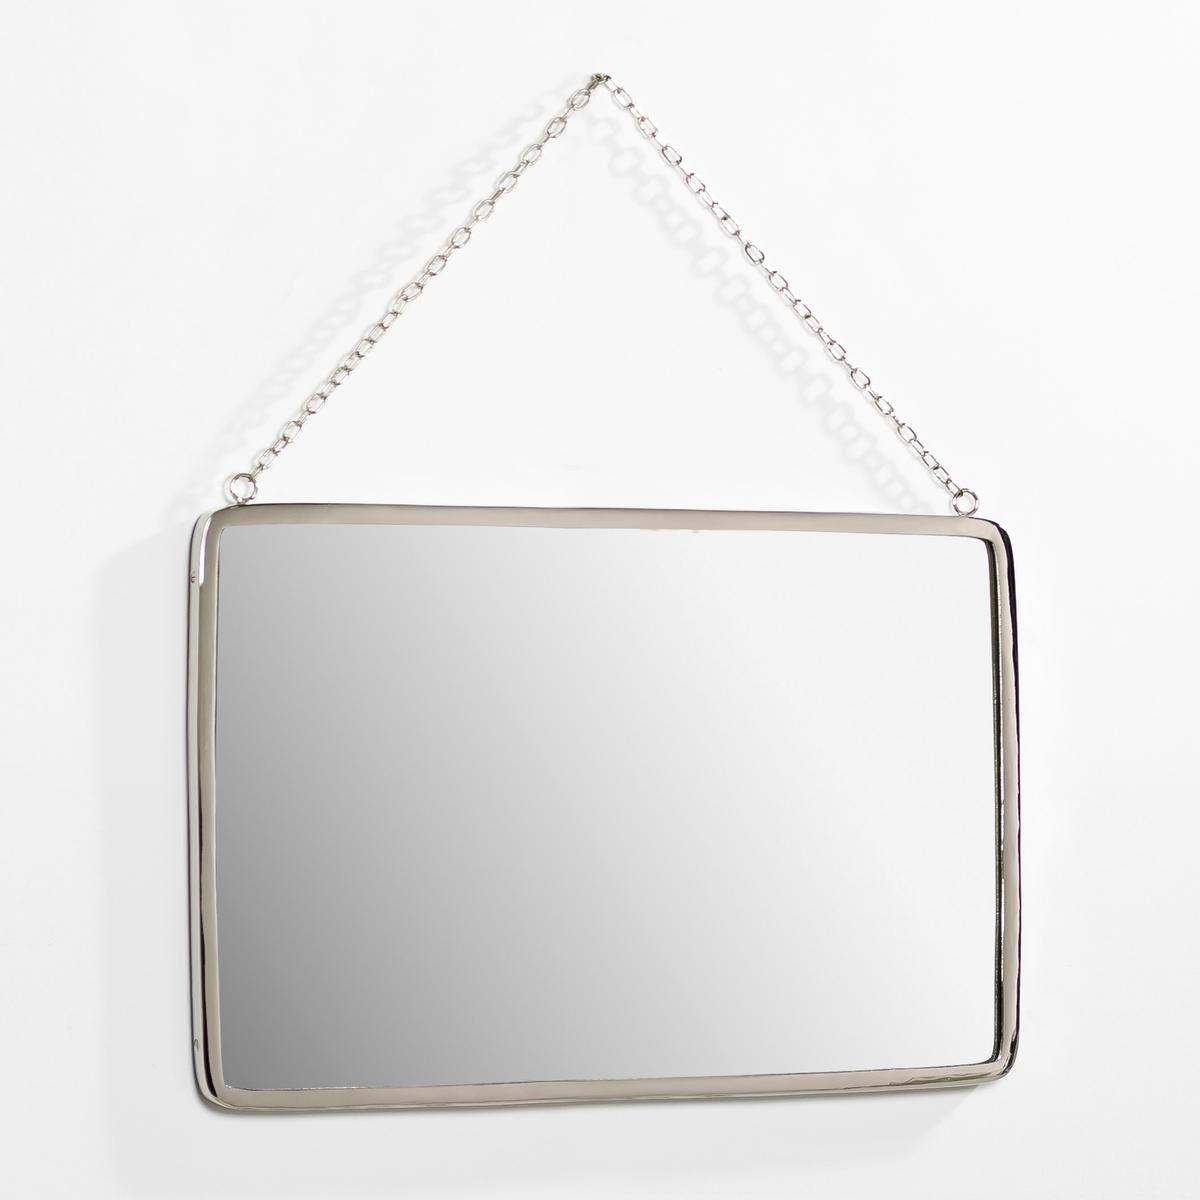 Зеркало La Redoute Прямоугольное Д50 x В37 см Barbier единый размер другие зеркало la redoute прямоугольное д x в см barbier единый размер другие